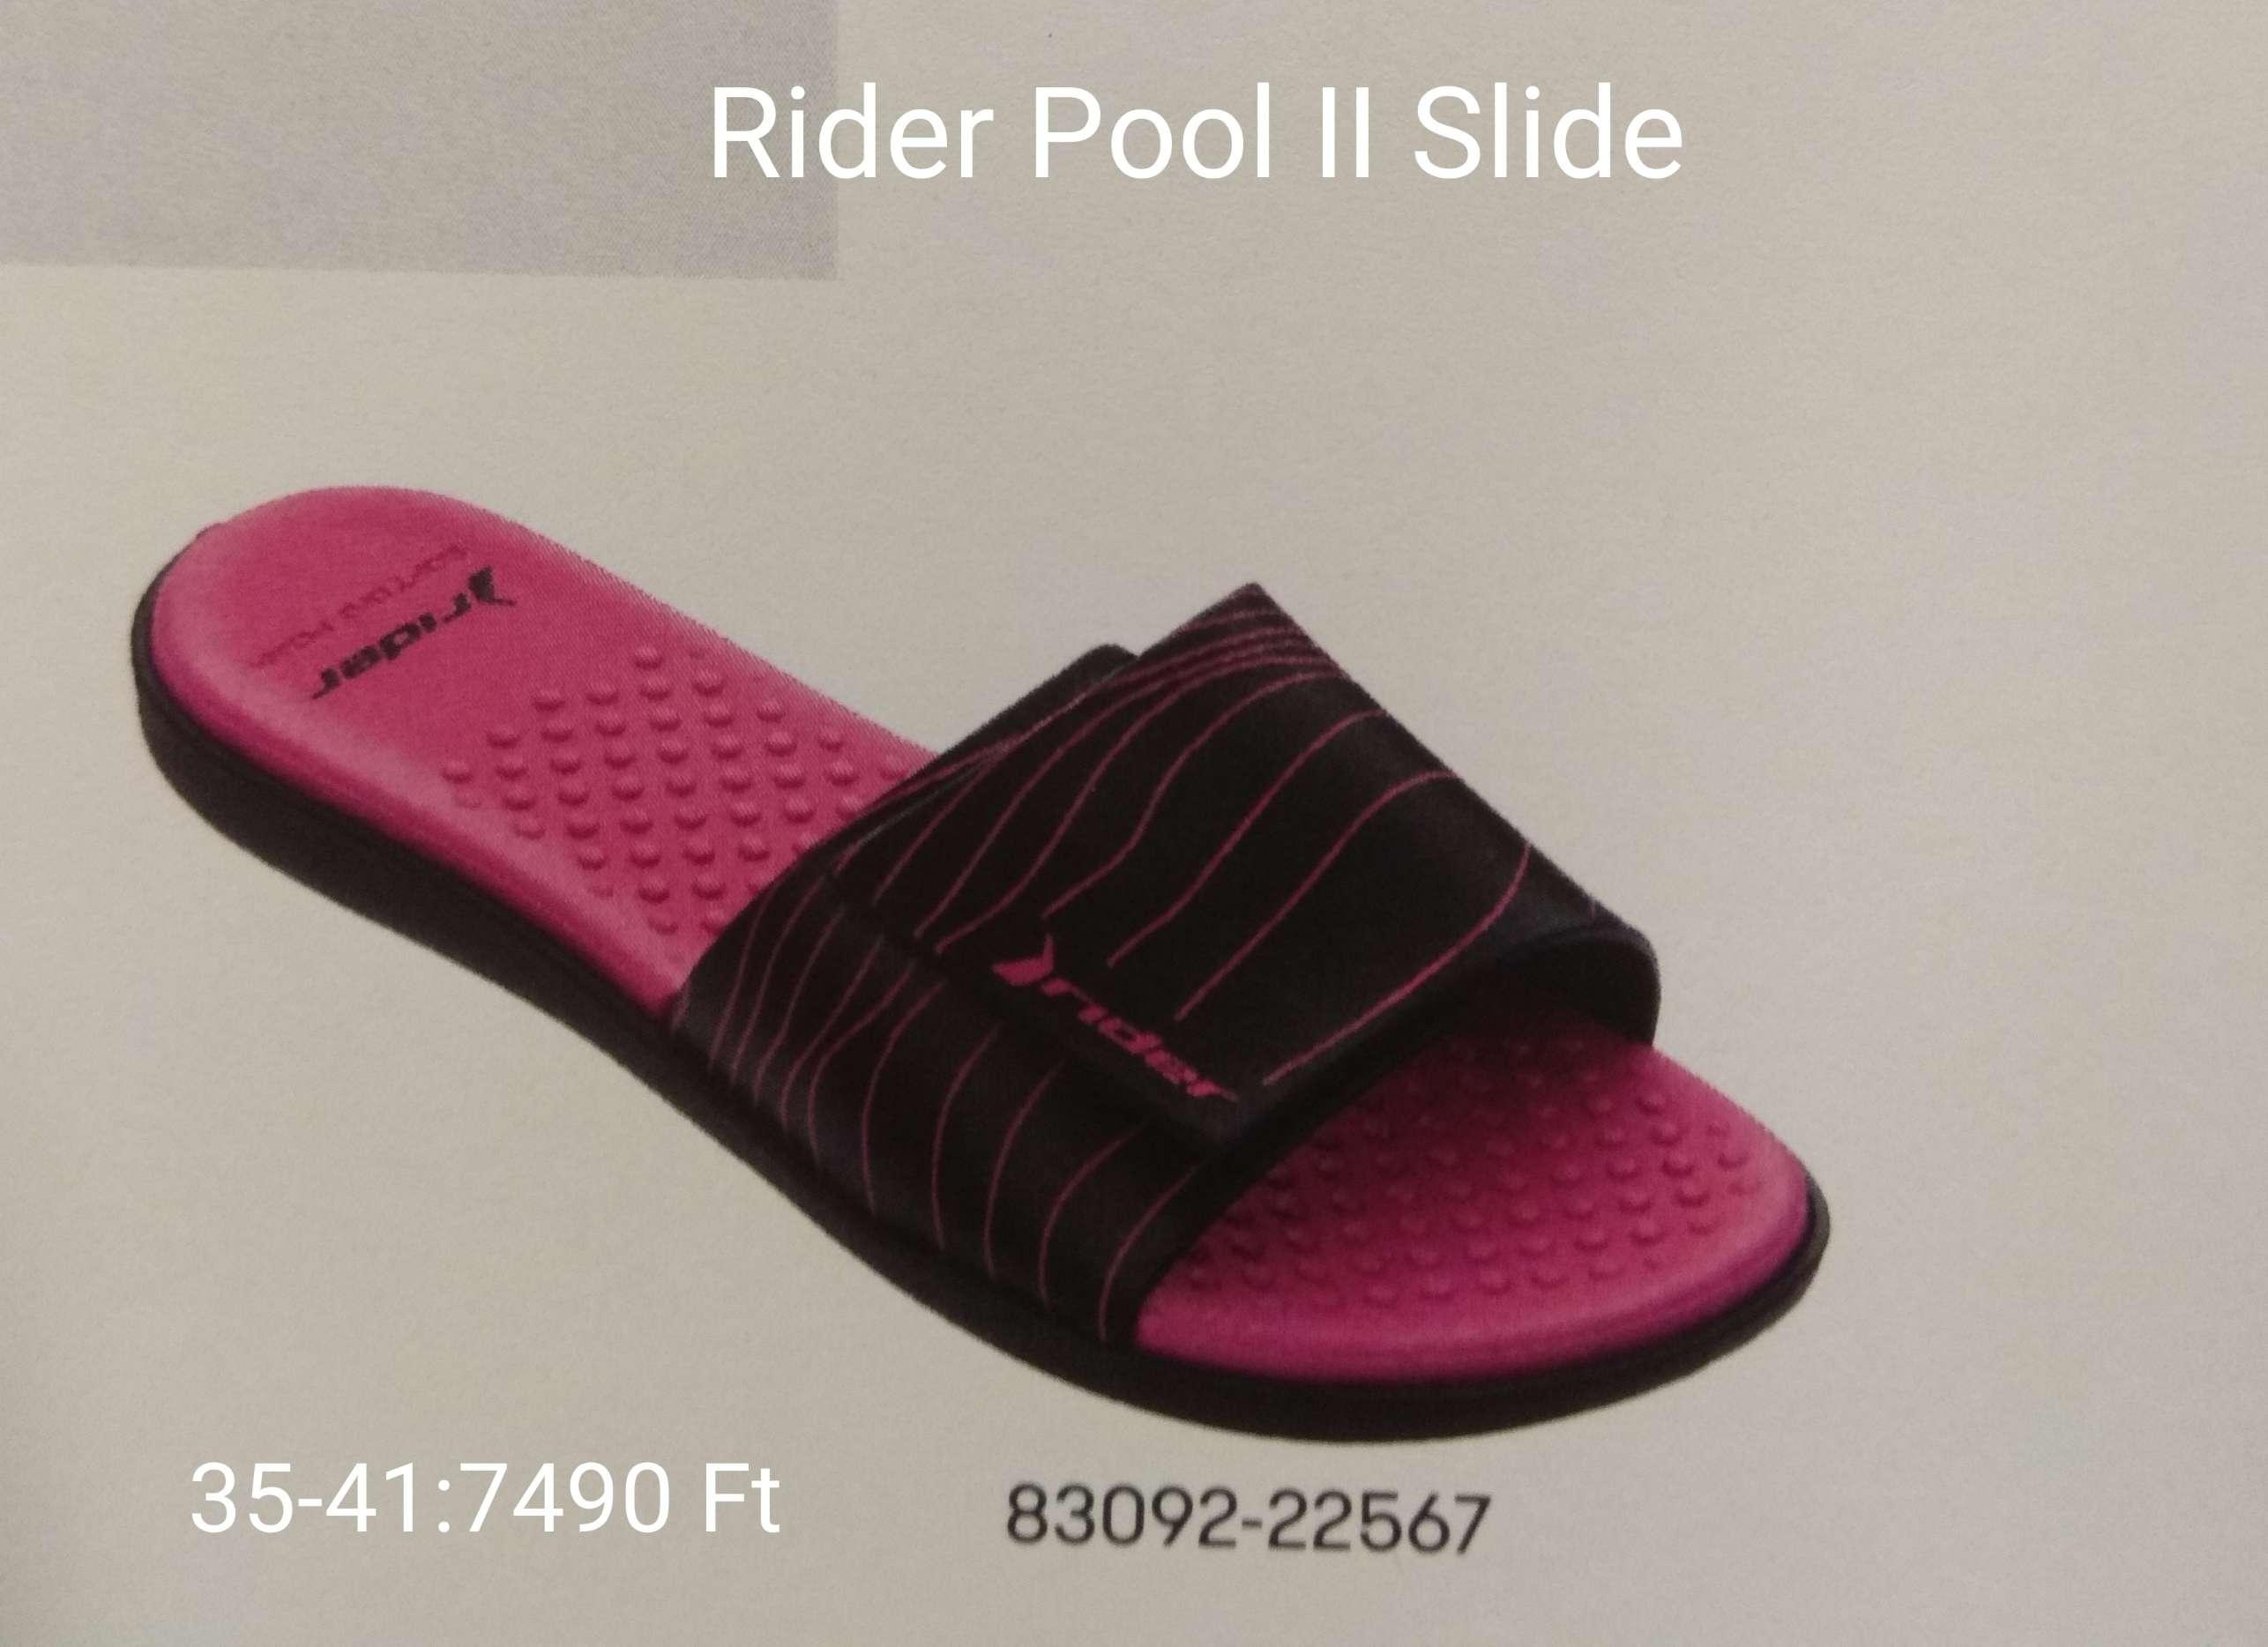 Rider Pool II Slide